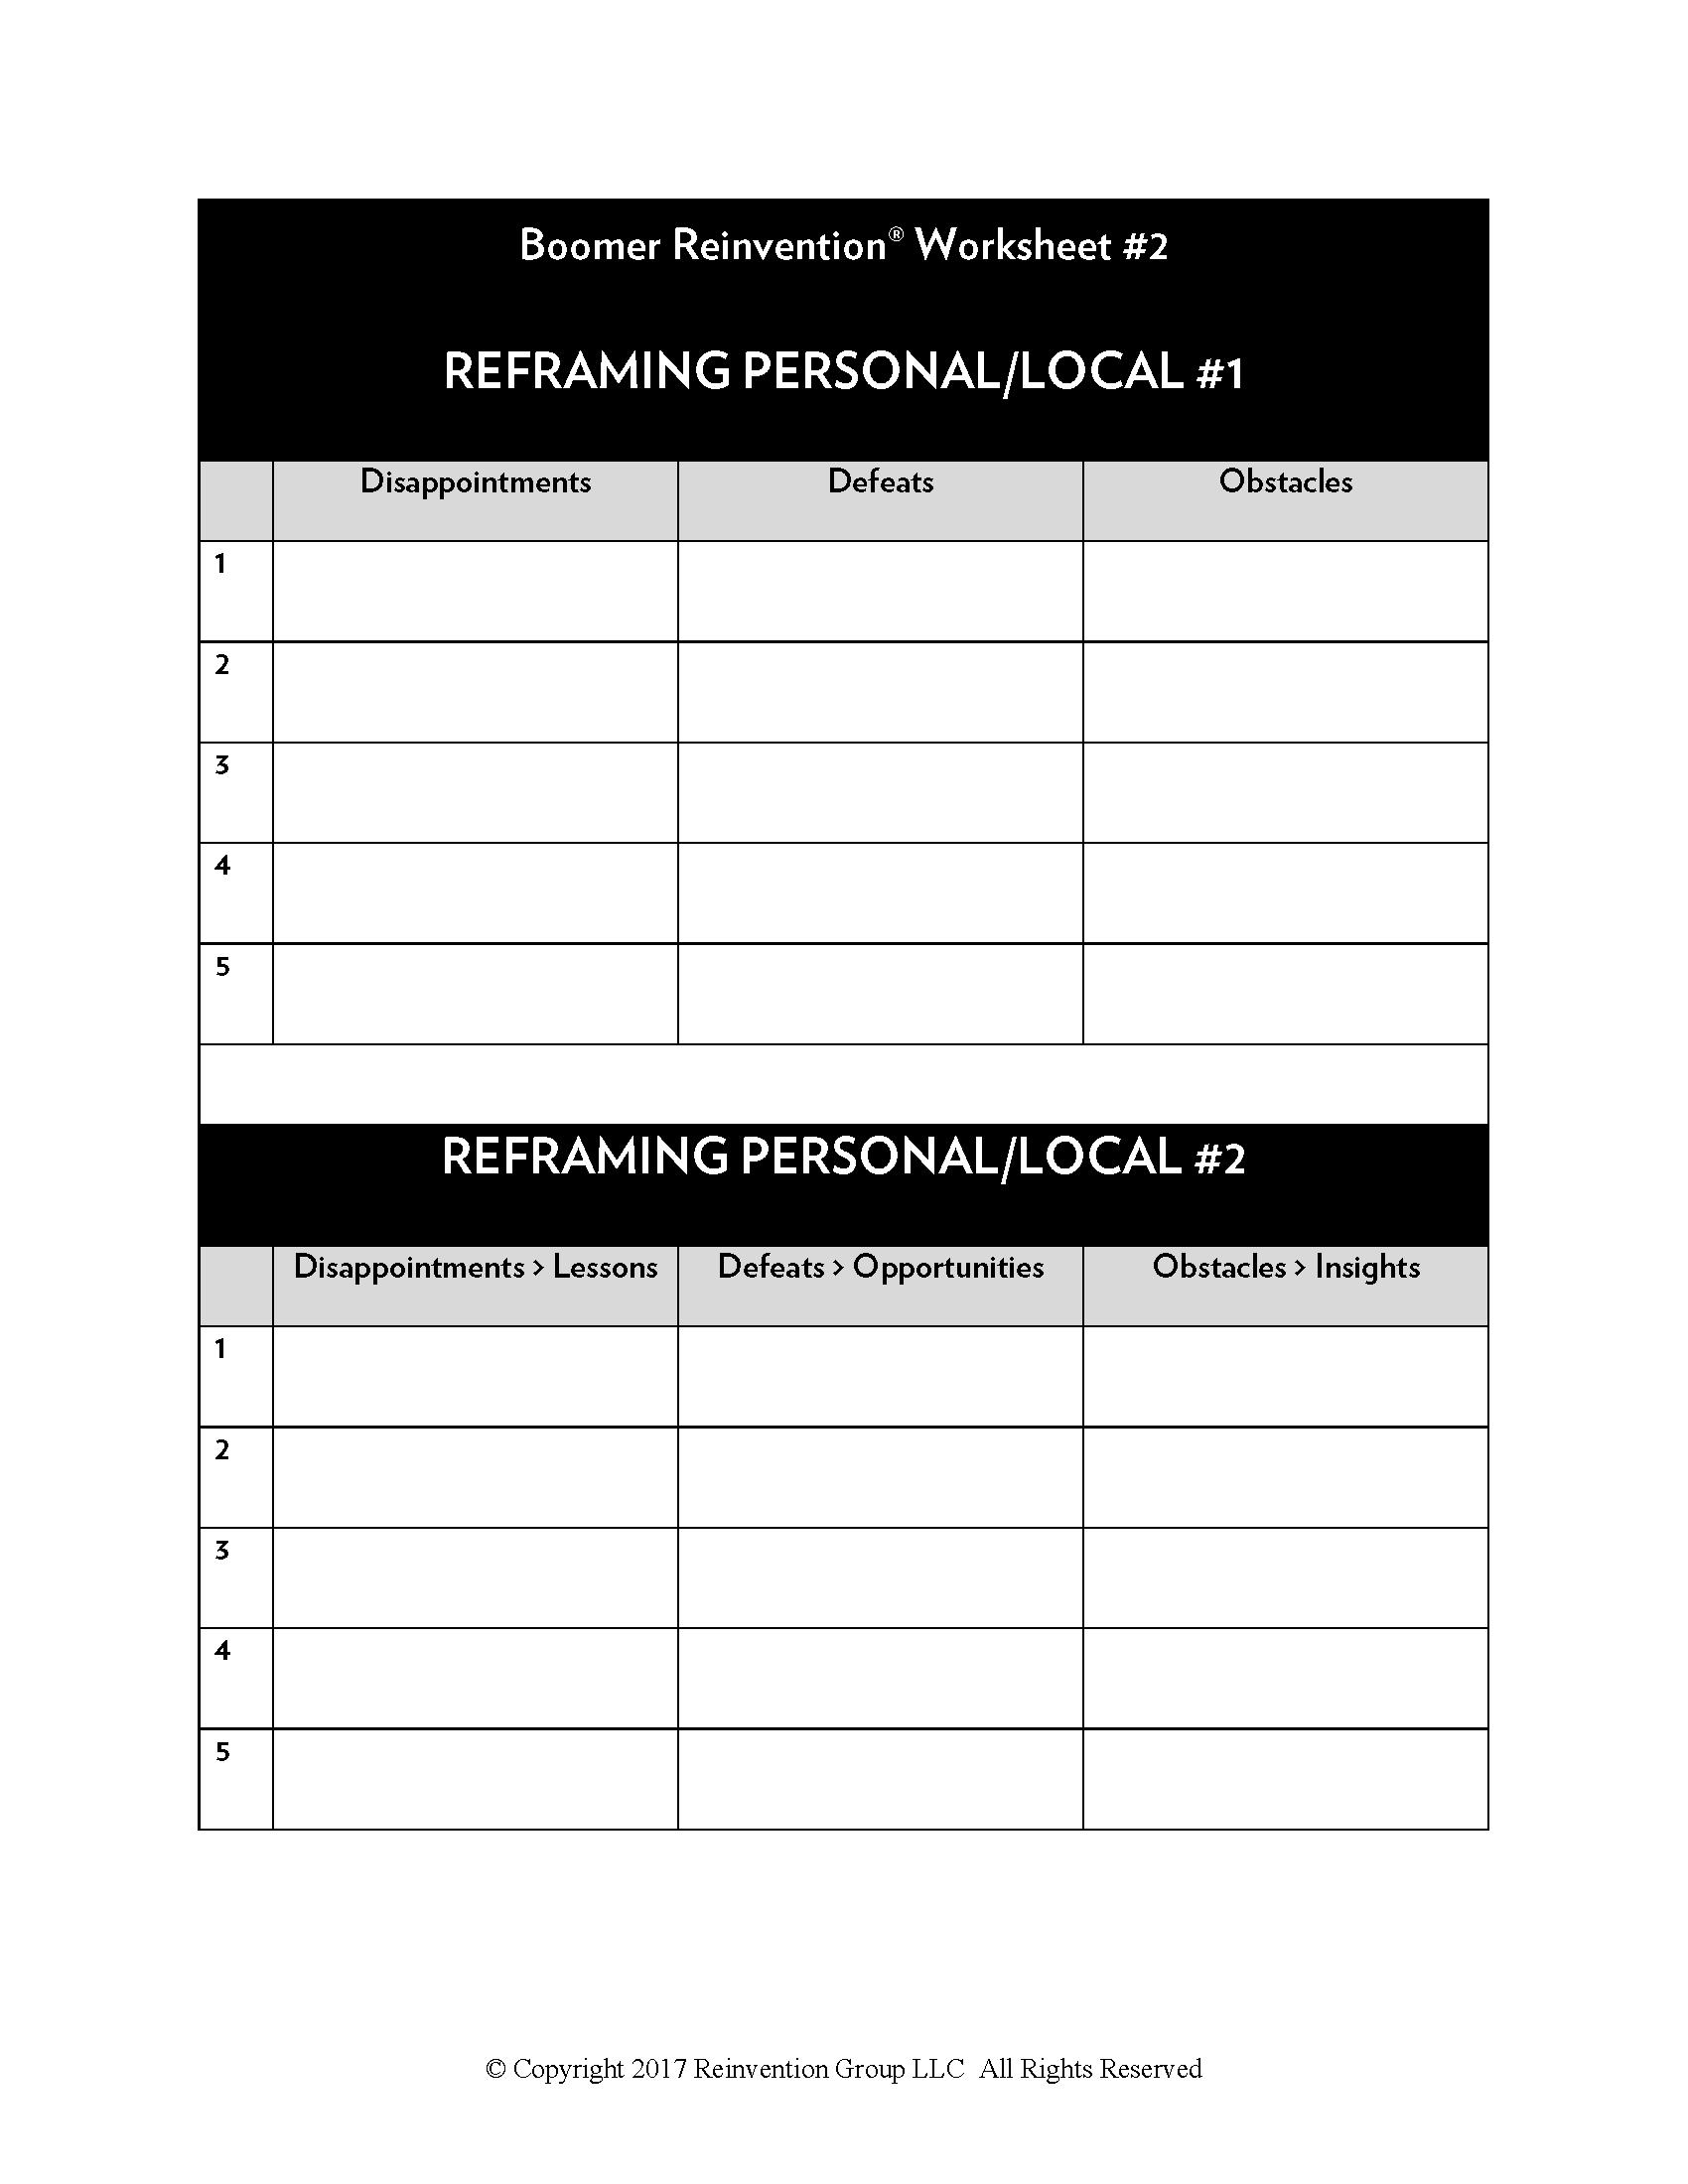 Br Worksheets